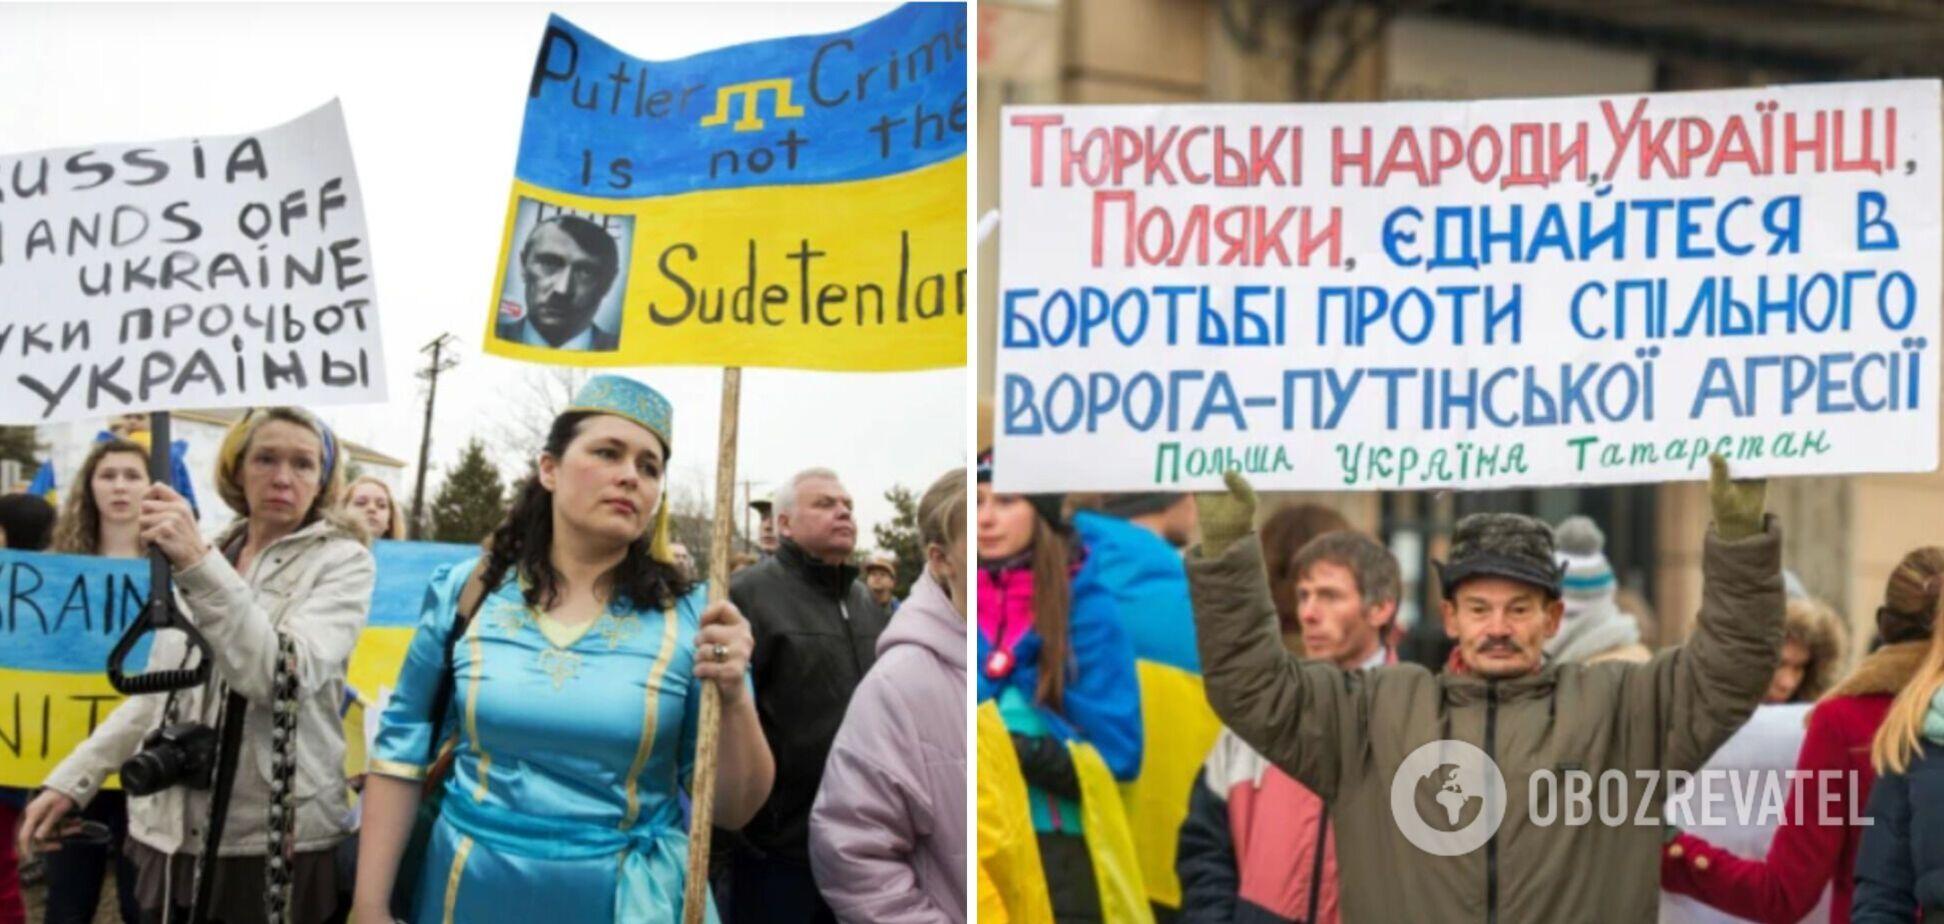 Ставлення до корінних народів в Україні та Росії. Чим обурений Путін?